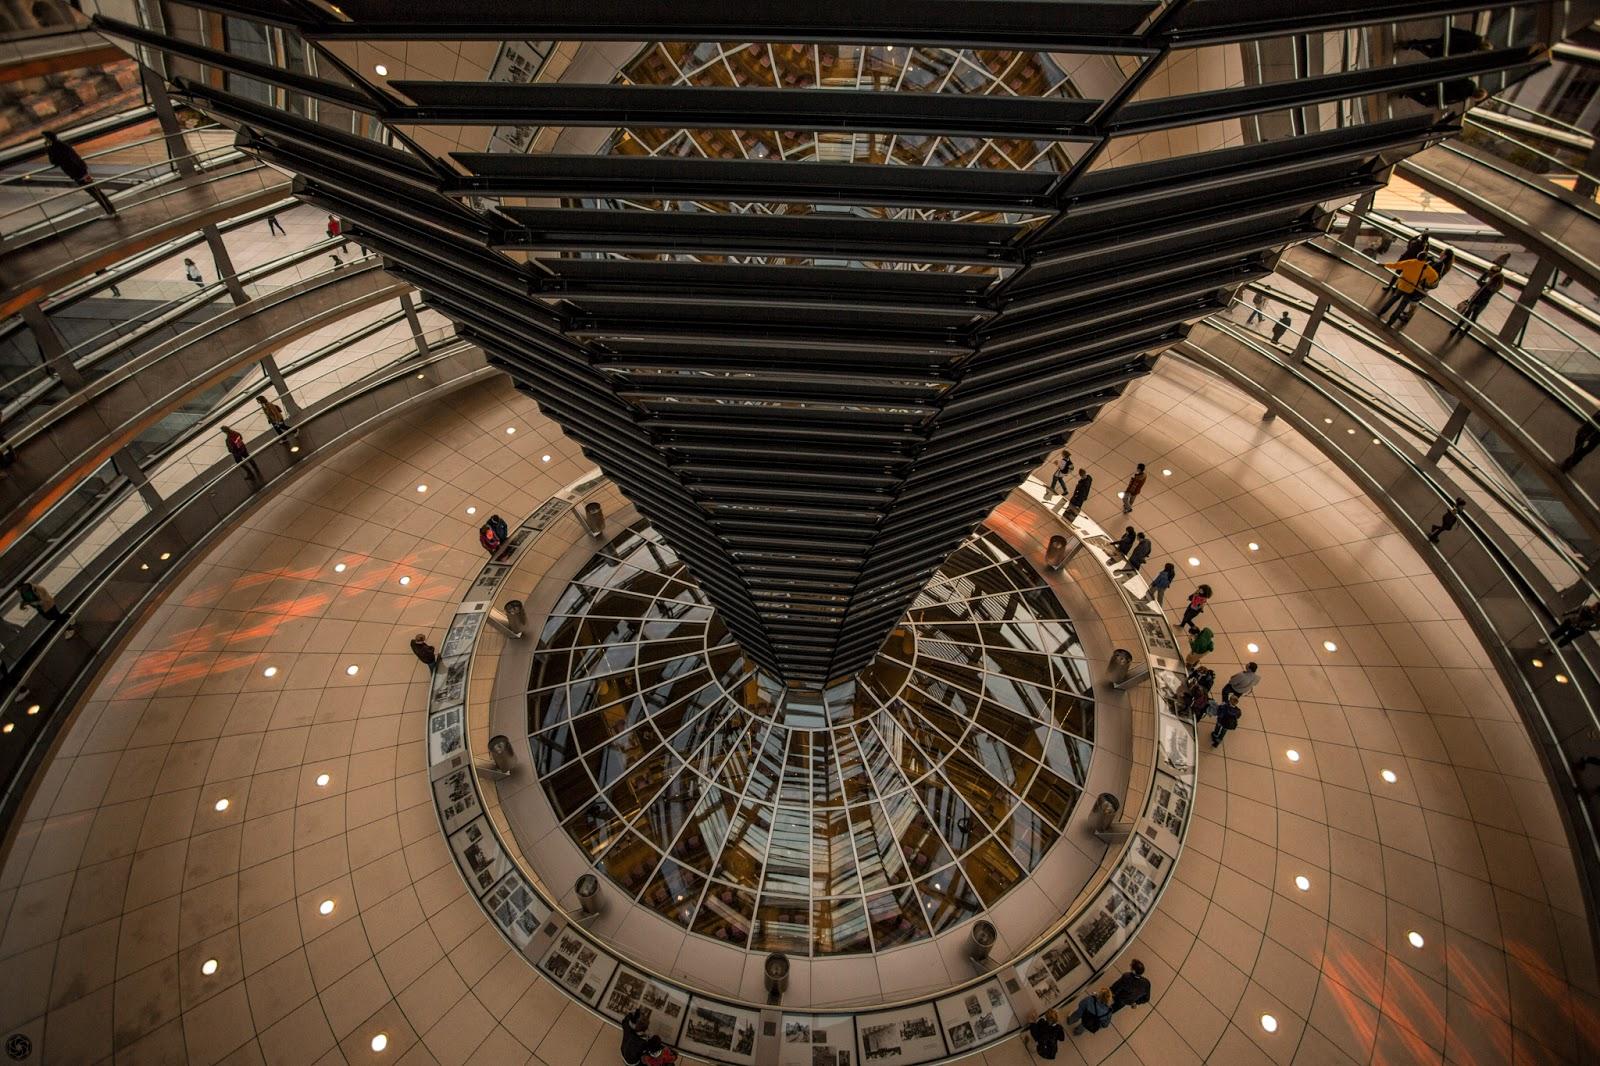 El tronco/chimenea de espejos sobre la cámara del Bundestag :: Canon EOS5D MkIII | ISO800 | Canon17-40 @17mm | f/4.0 | 1/320s